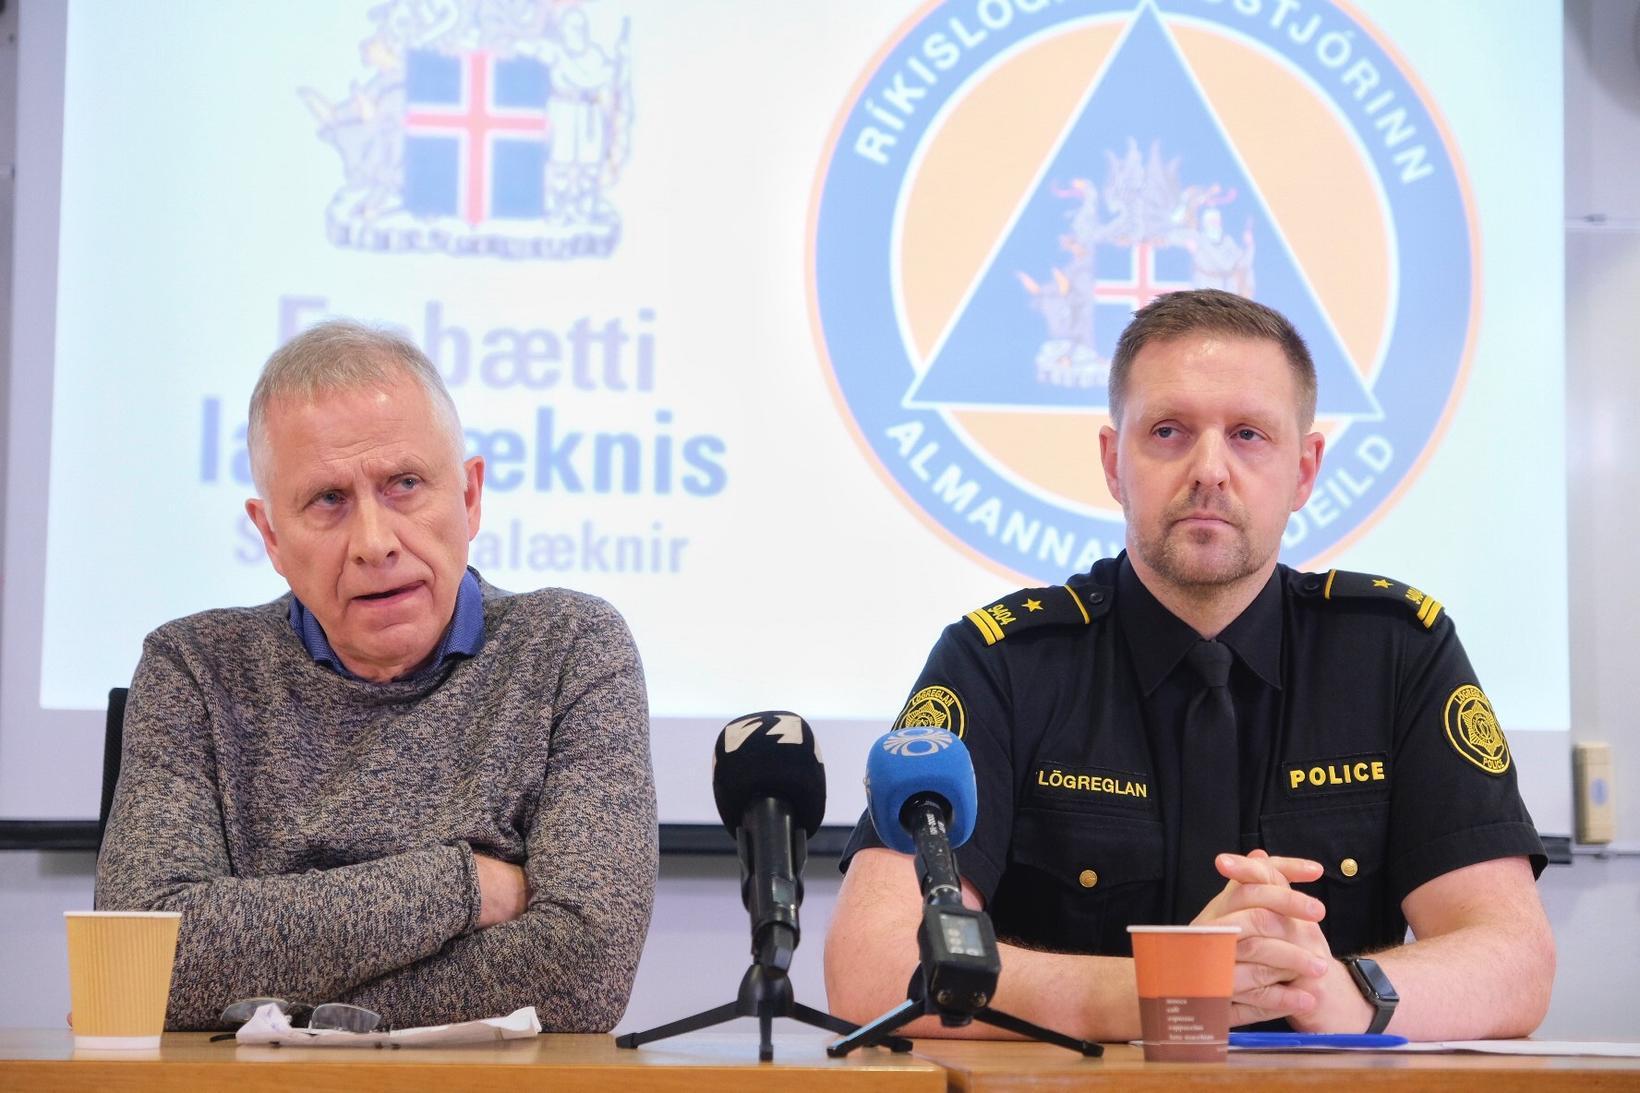 Þórólfur Guðnason sóttvarnalæknir og Rögnvaldur Ólafsson verkefnastjóri almannavarna á blaðamannafundinum …